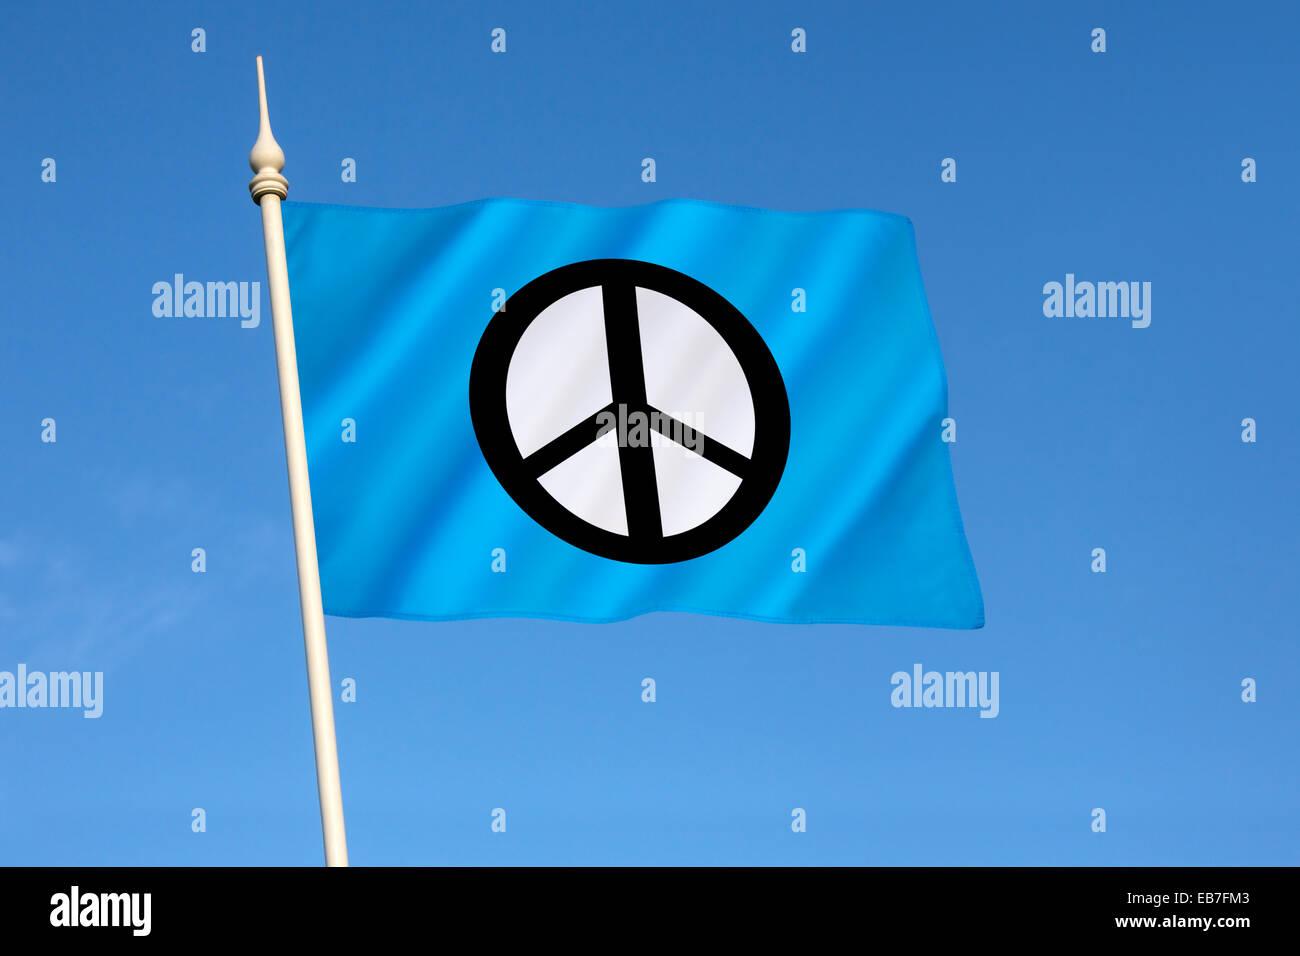 Bandiera della Campagna per il disarmo nucleare - CND Immagini Stock